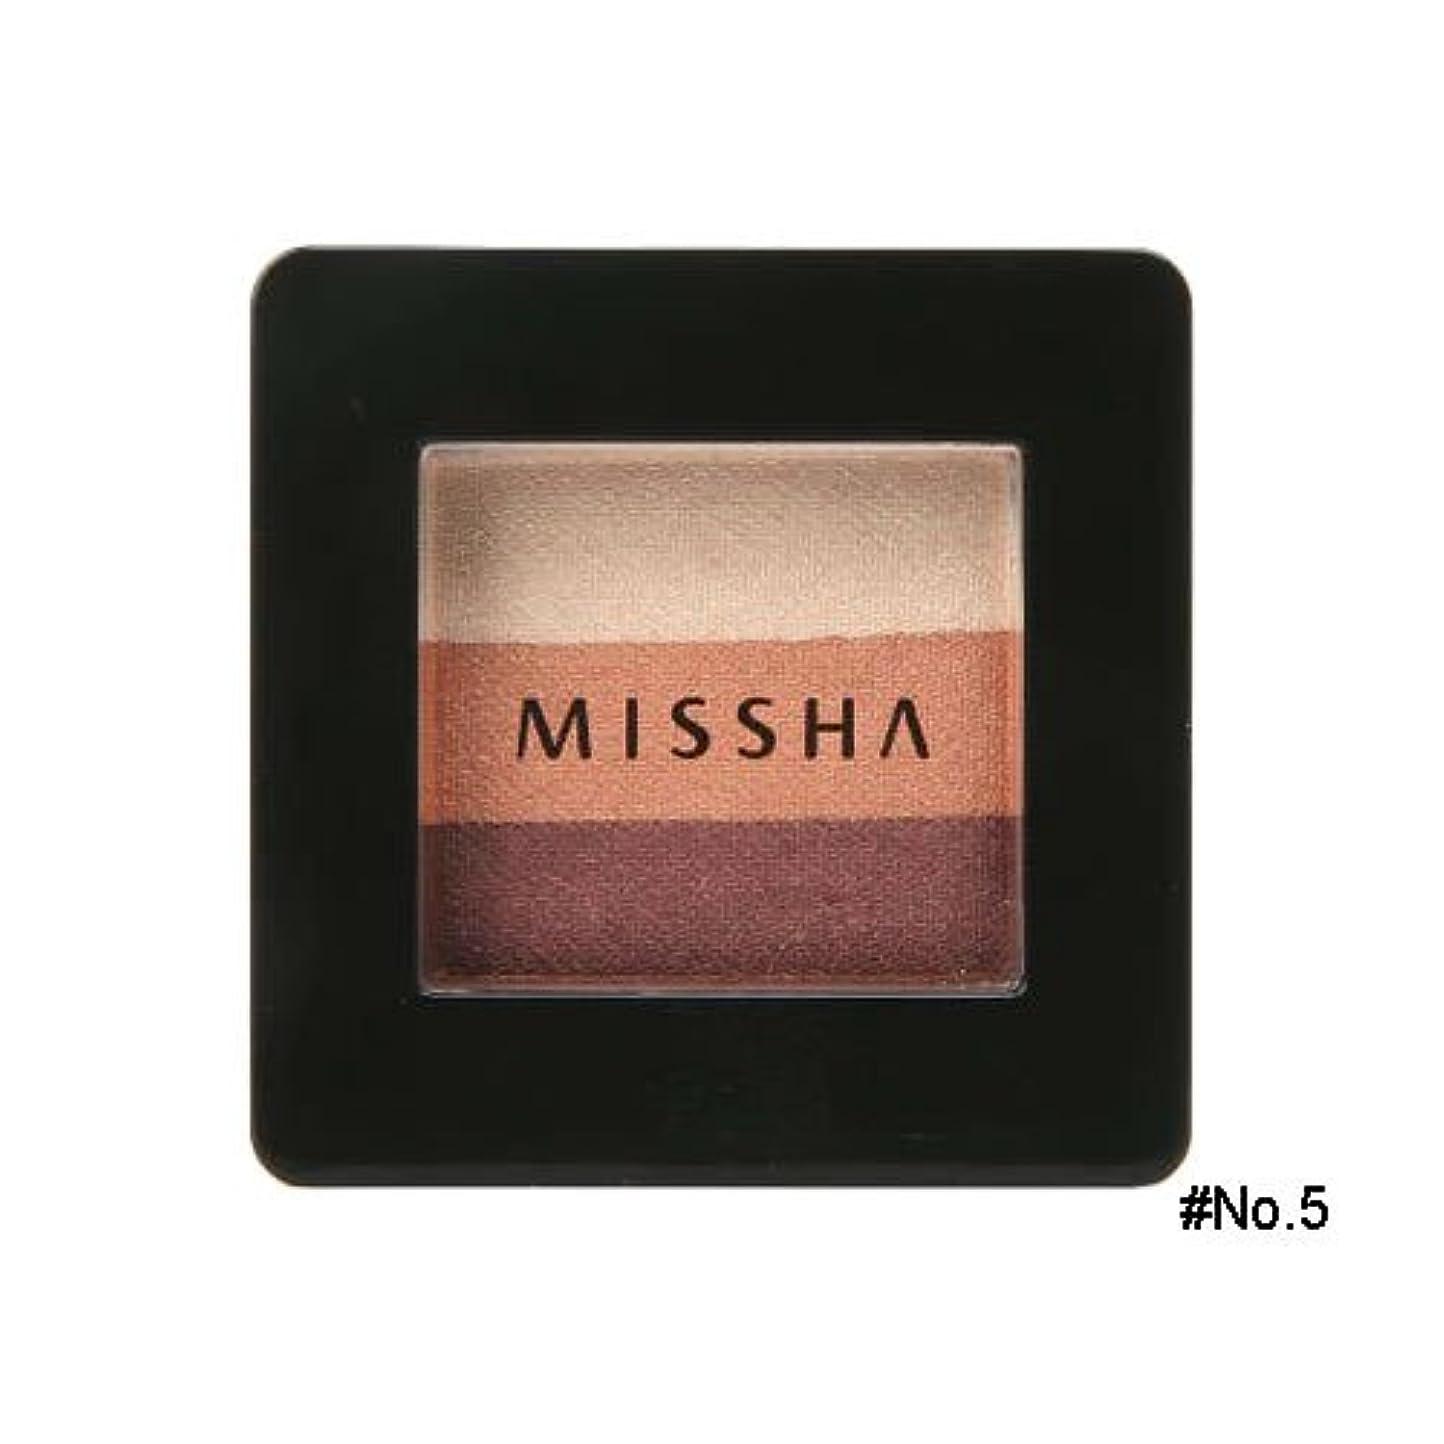 セレナオアシス怒ってミシャ(MISSHA) トリプルシャドウ 2g No.5(ビンテージプラム) [並行輸入品]